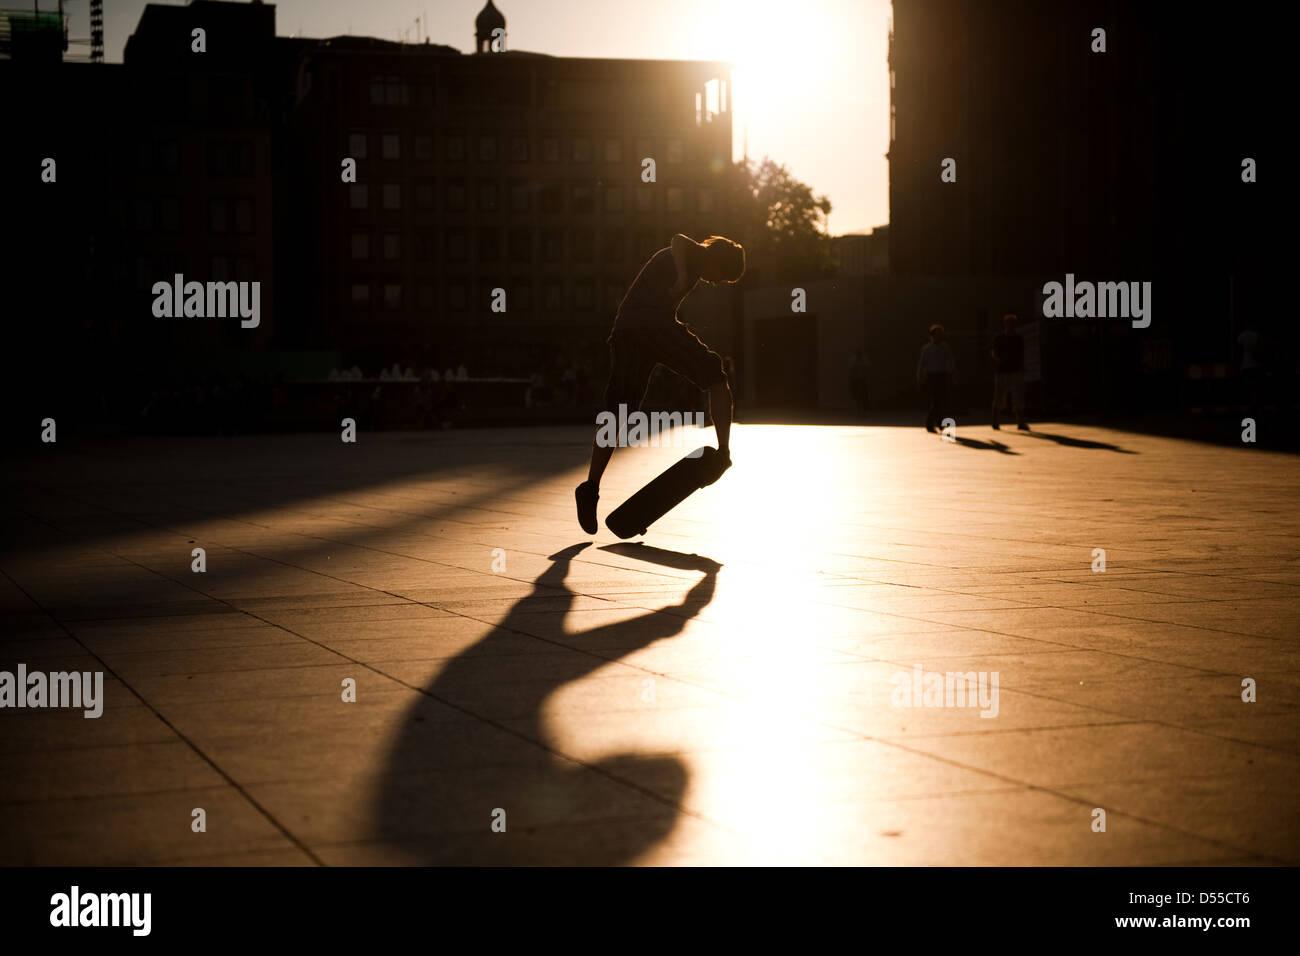 Colonia è la Germania fourts-città più grande. SkateBoard di suonare di fronte alla cattedrale. Immagini Stock